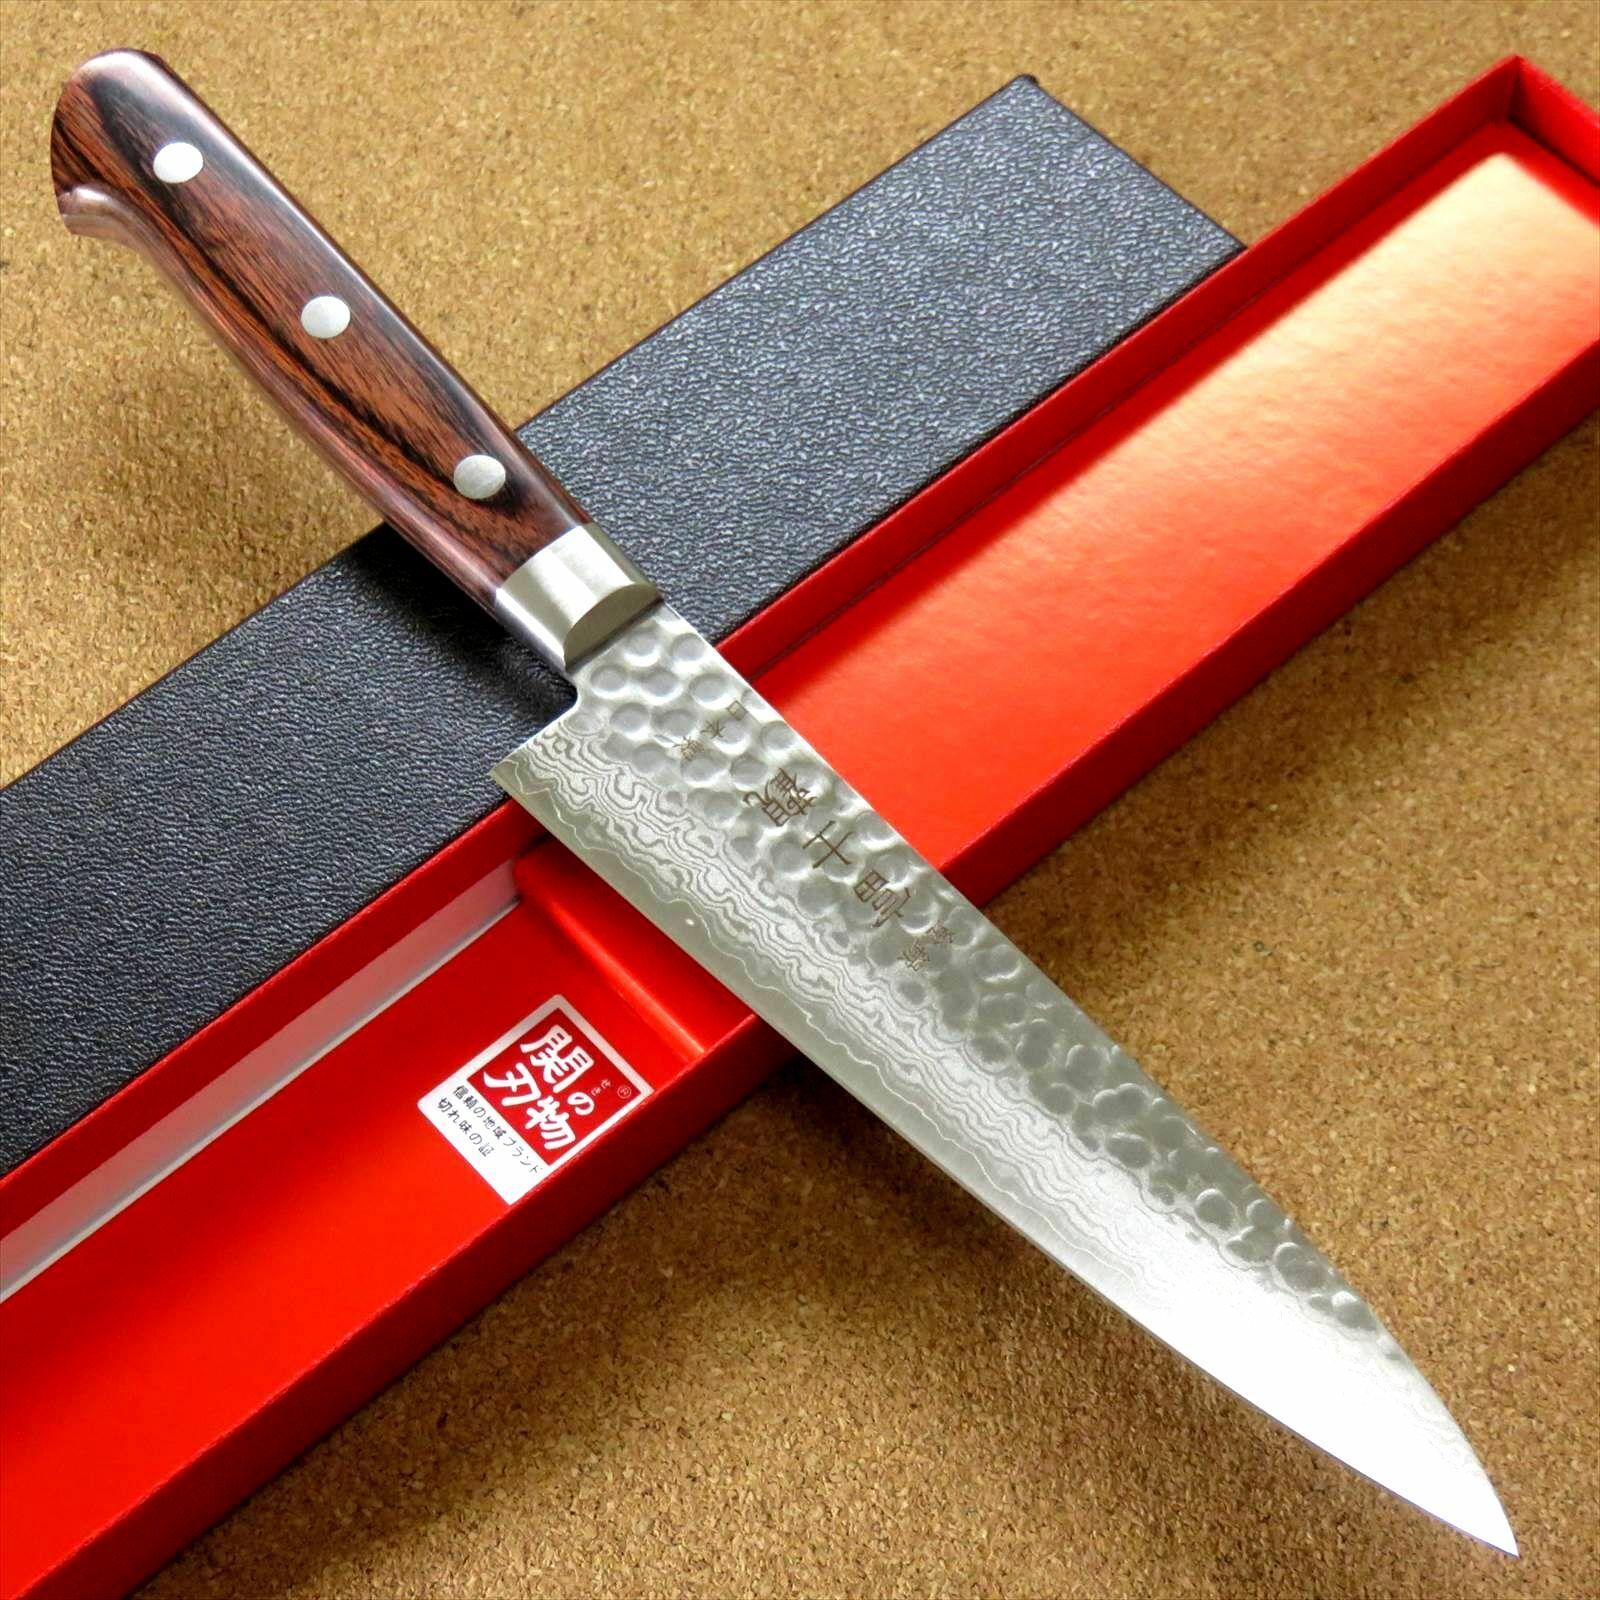 Japonais FUJIMI cuisine couteau 5  marteau forgé VG-10 Damas du Japon